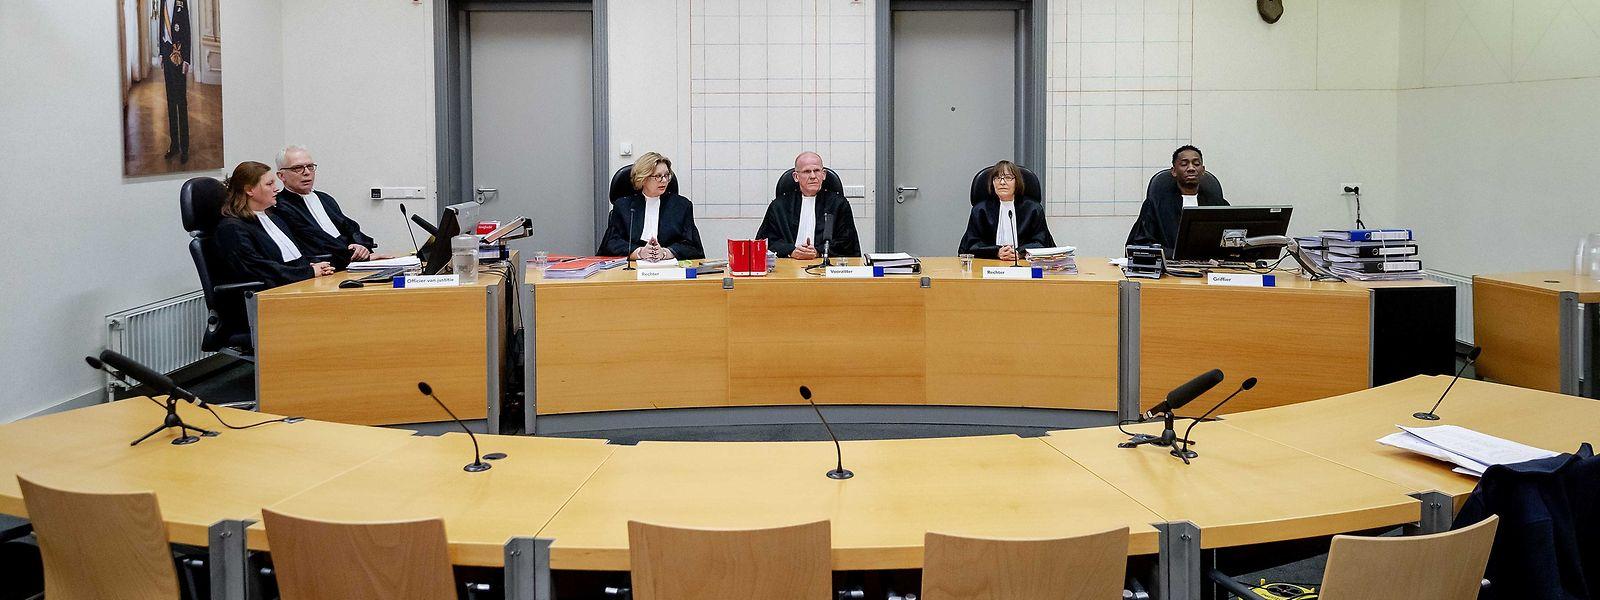 Blick in den Verhandlungsraum vor der Anhörung vor Gericht.